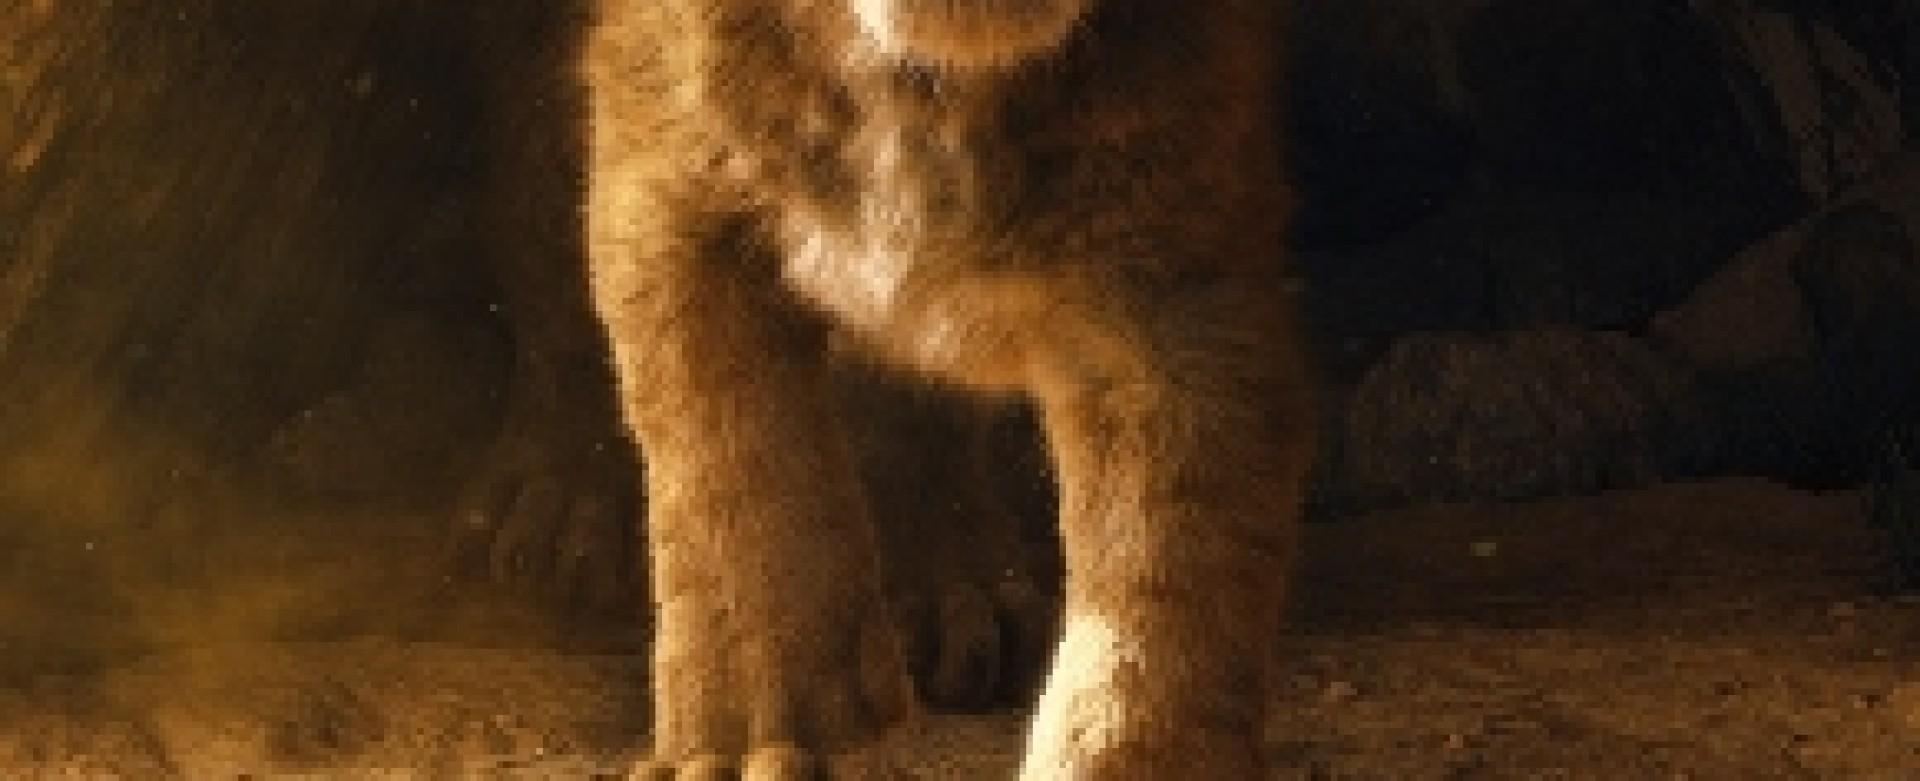 O Rei Leão - 2D